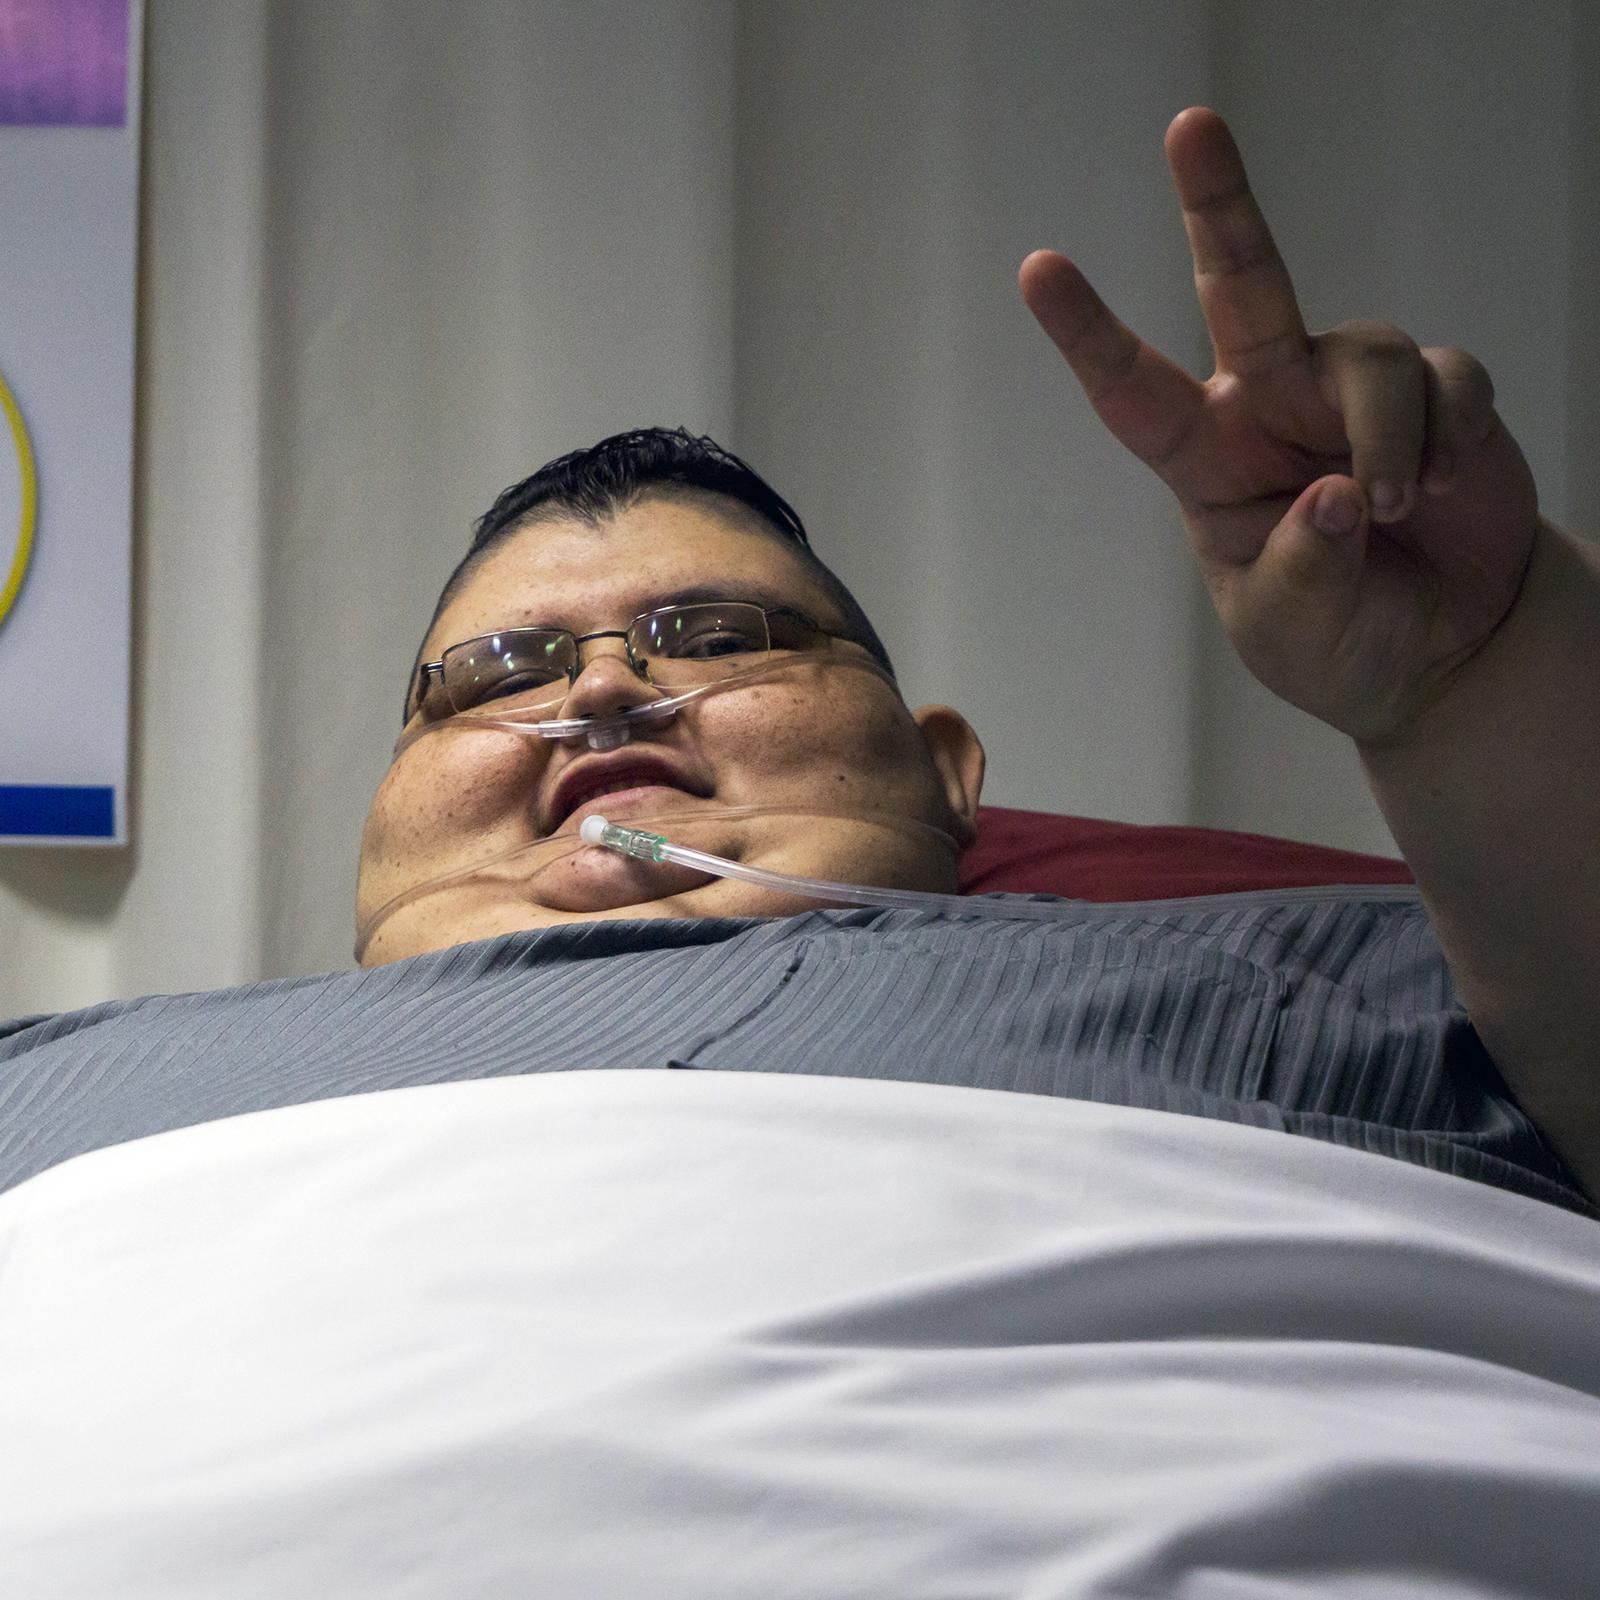 India a világ legkövérebb nője kilót fogyott,